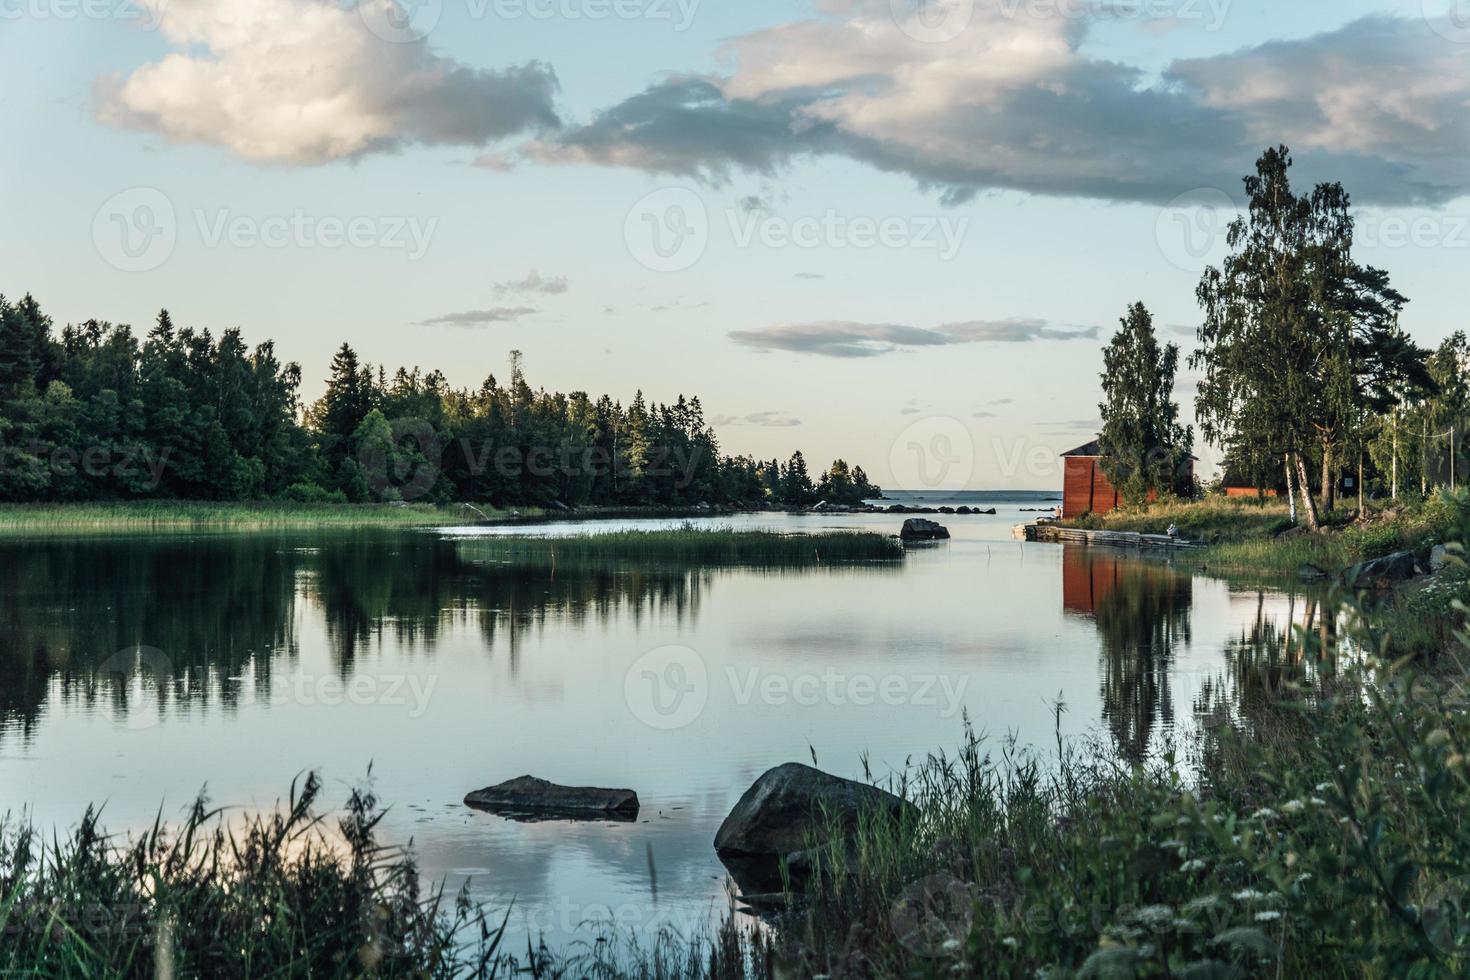 zomer uitzicht vanaf een baai van de Oostzee aan de oostkust van Zweden foto